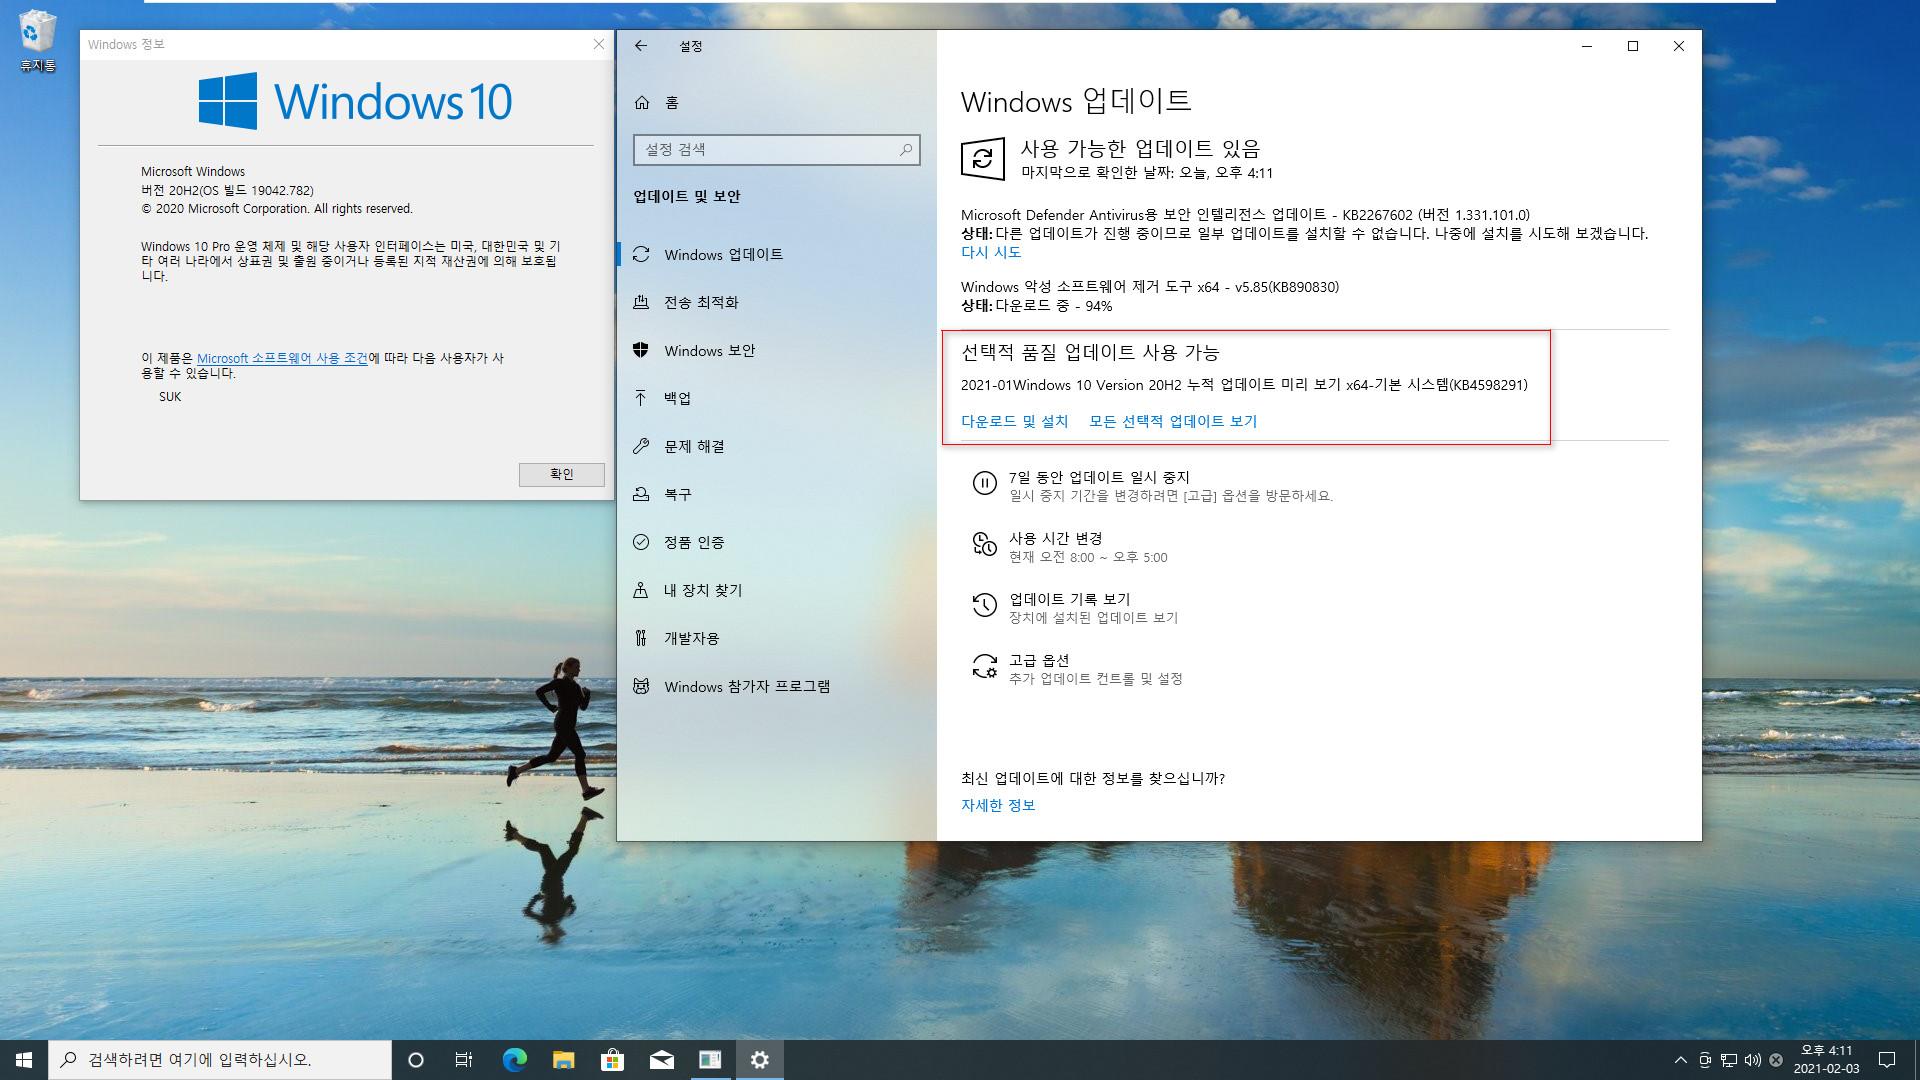 2021.02.03 누적 업데이트 KB4598291 (19042.789 빌드와 19041.789 빌드)는 선택적 업데이트 입니다. 윈도우 업데이트에 나온다고 전부 자동 업데이트는 아닙니다 2021-02-03_161111.jpg